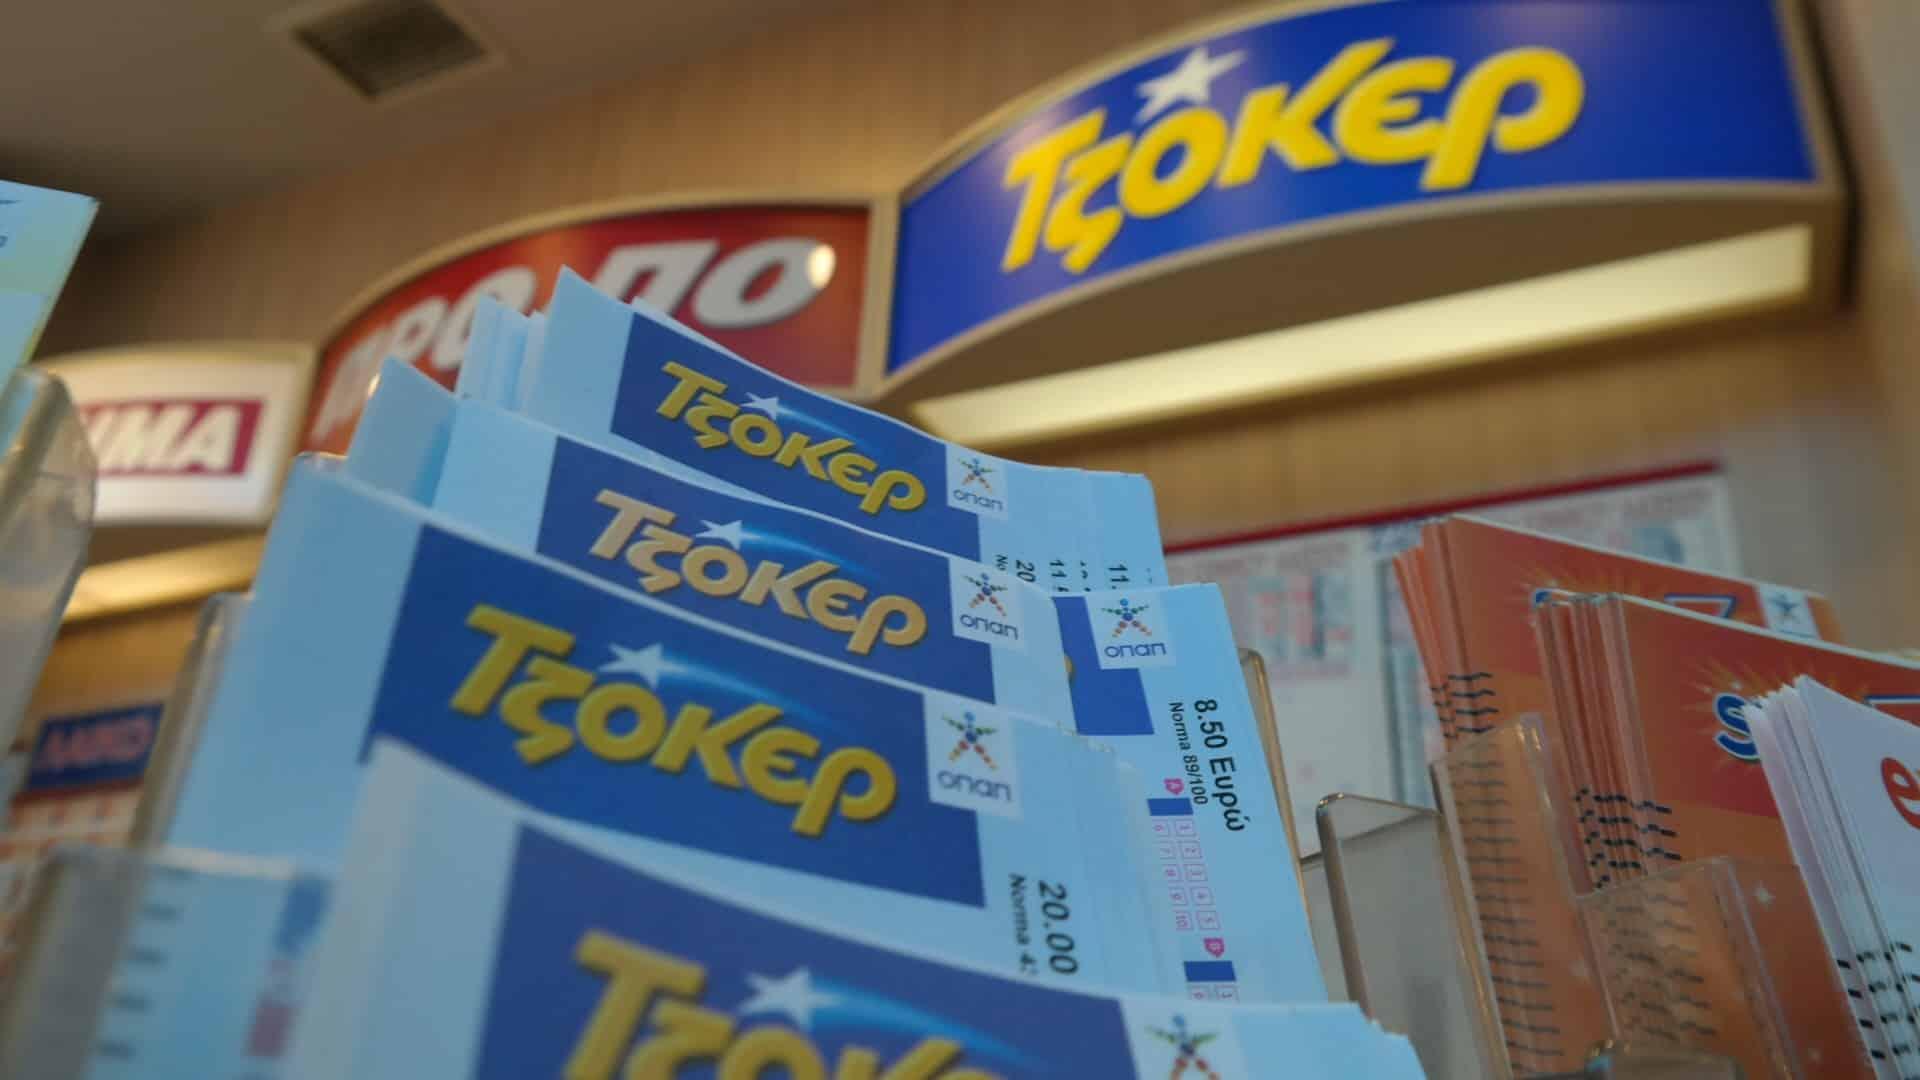 Κλήρωση Τζόκερ σήμερα 29/12 €6,5 εκ Χρυσοί αριθμοί νούμερα joker Κλήρωση Τζόκερ σήμερα 29/12 Αποτελέσματα - Αριθμοί, Νούμερα tzoker Κλήρωση Τζόκερ σήμερα 29/12 Αποτελέσματα - Αριθμοί, Νούμερα tzoker Κλήρωση Τζόκερ σήμερα 29/12 Τζόκερ Κλήρωση 8/12 Αποτελέσματα Tzoker τυχεροί αριθμοί